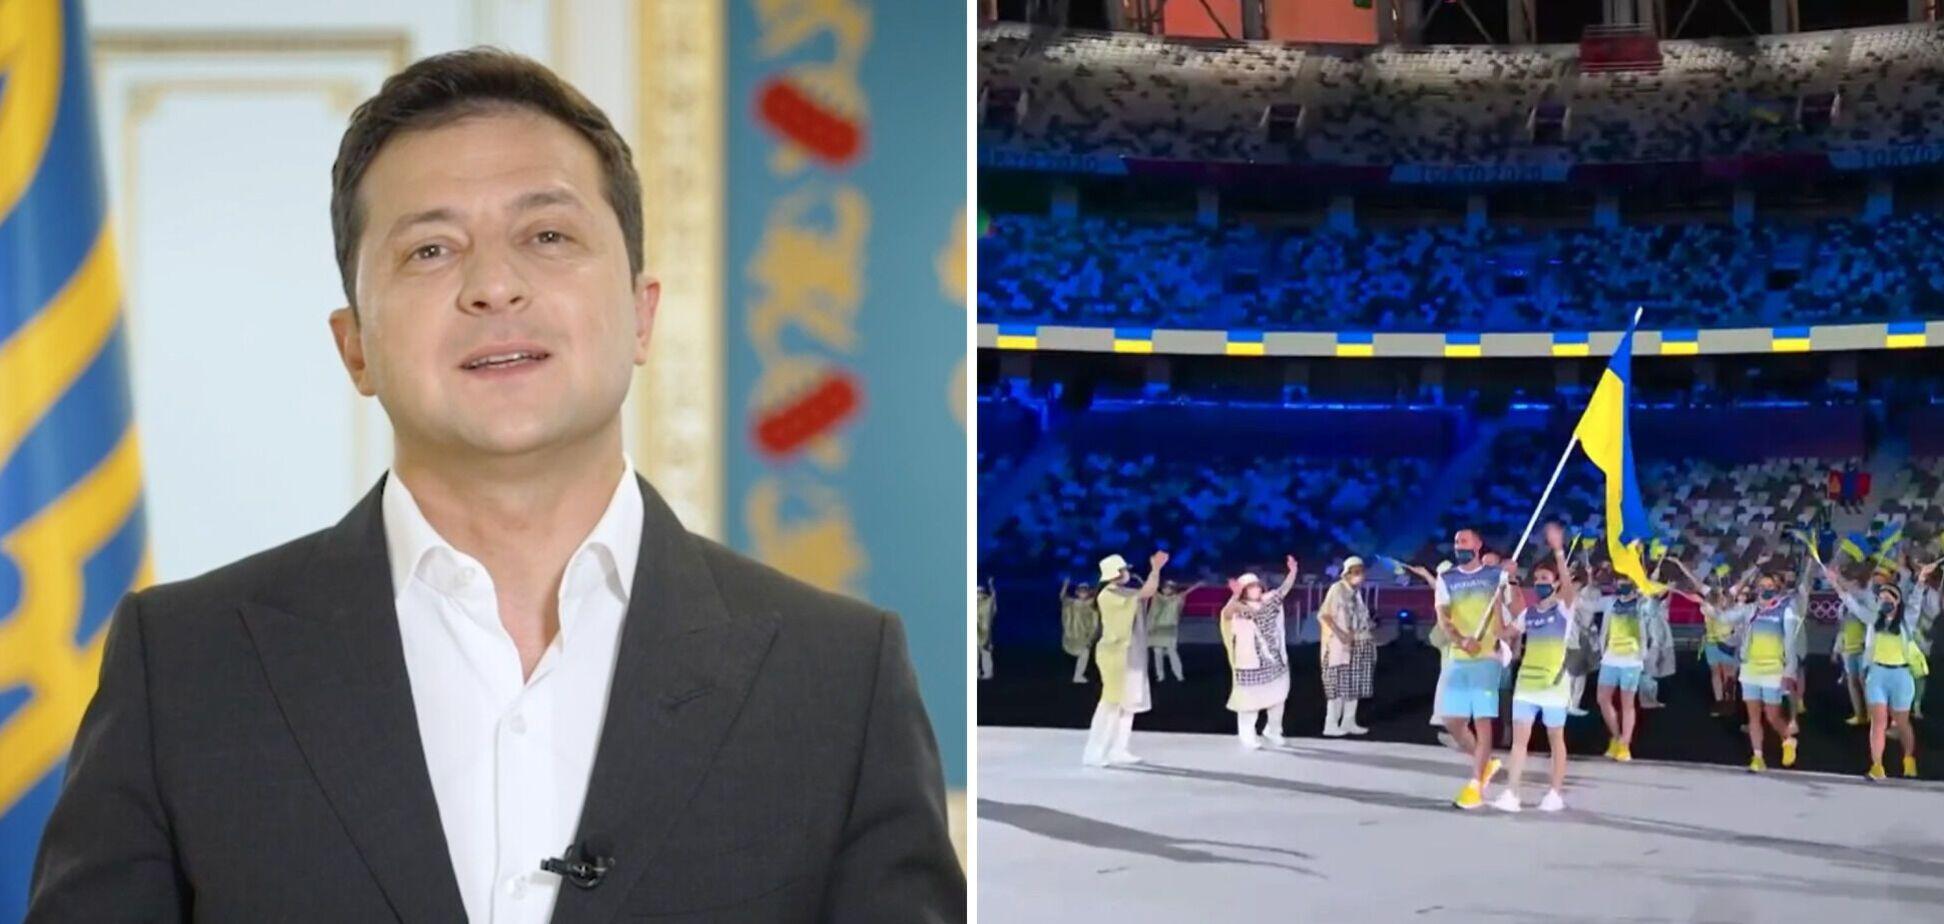 Зеленский – украинским спортсменам в день старта Олимпиады: подарите нам то, что дороже золота! Видео